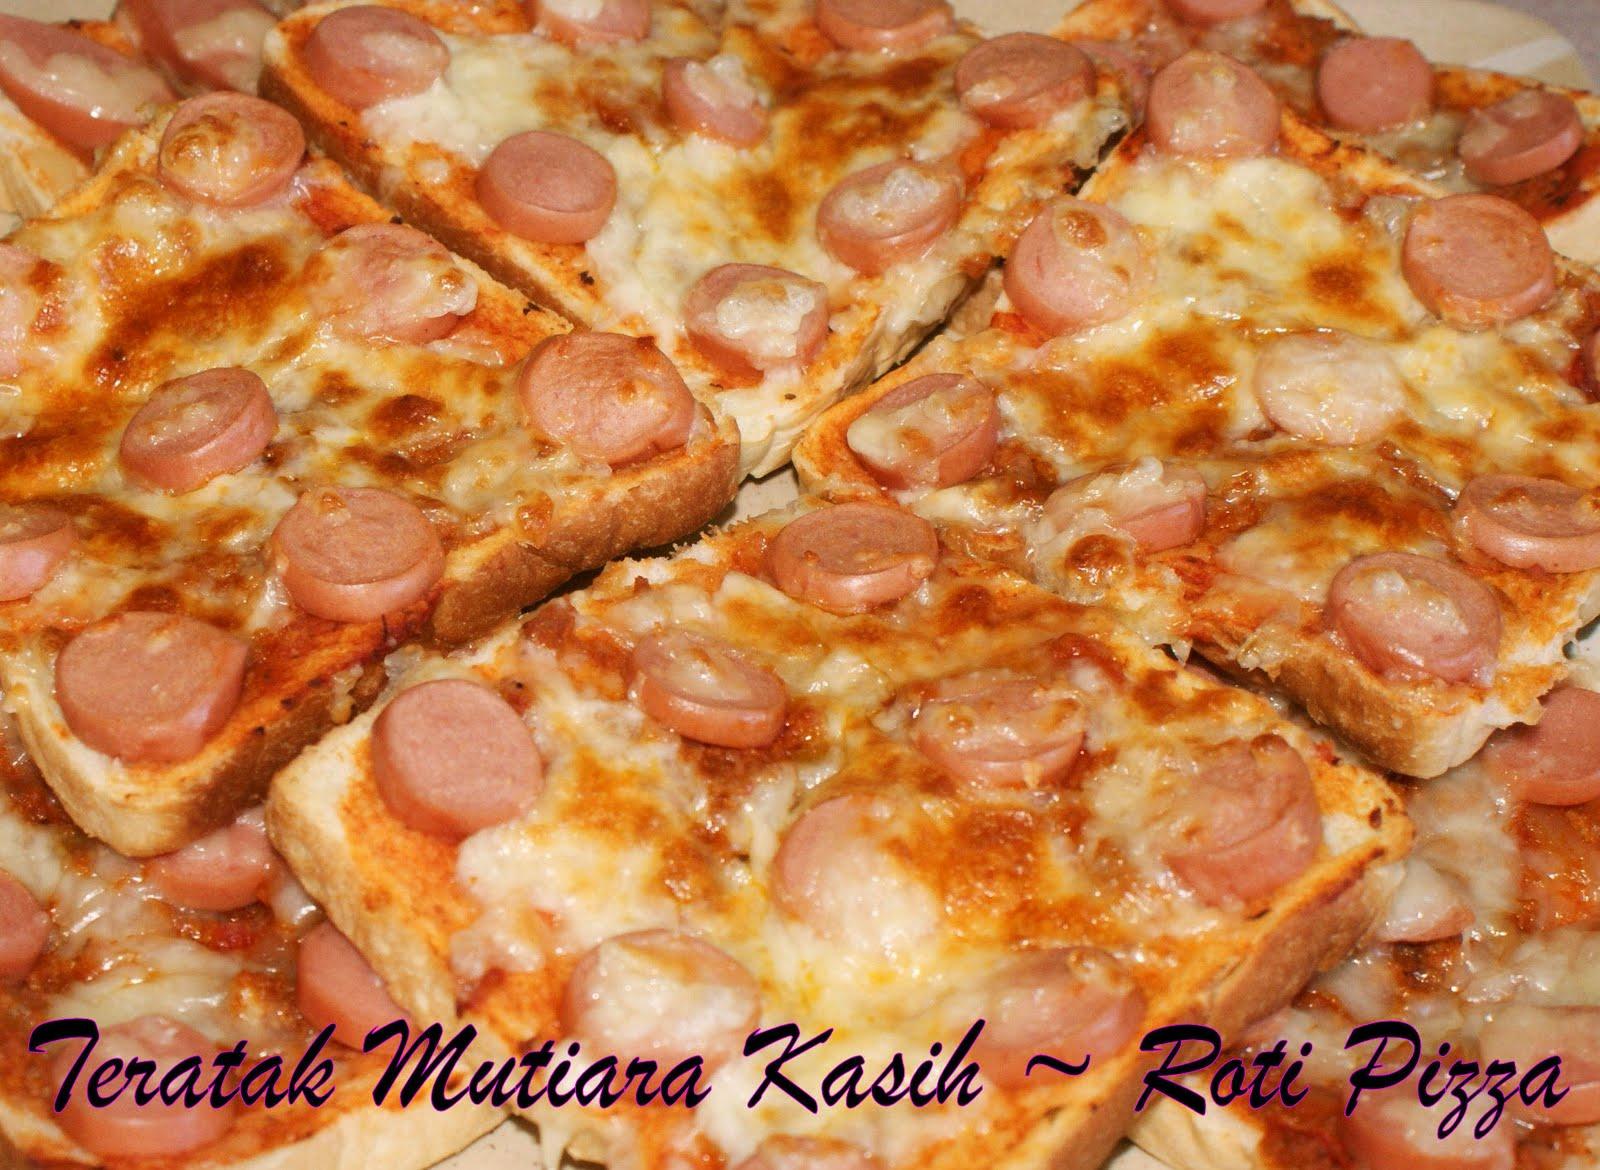 Roti Pizza - TERATAK MUTIARA KASIH